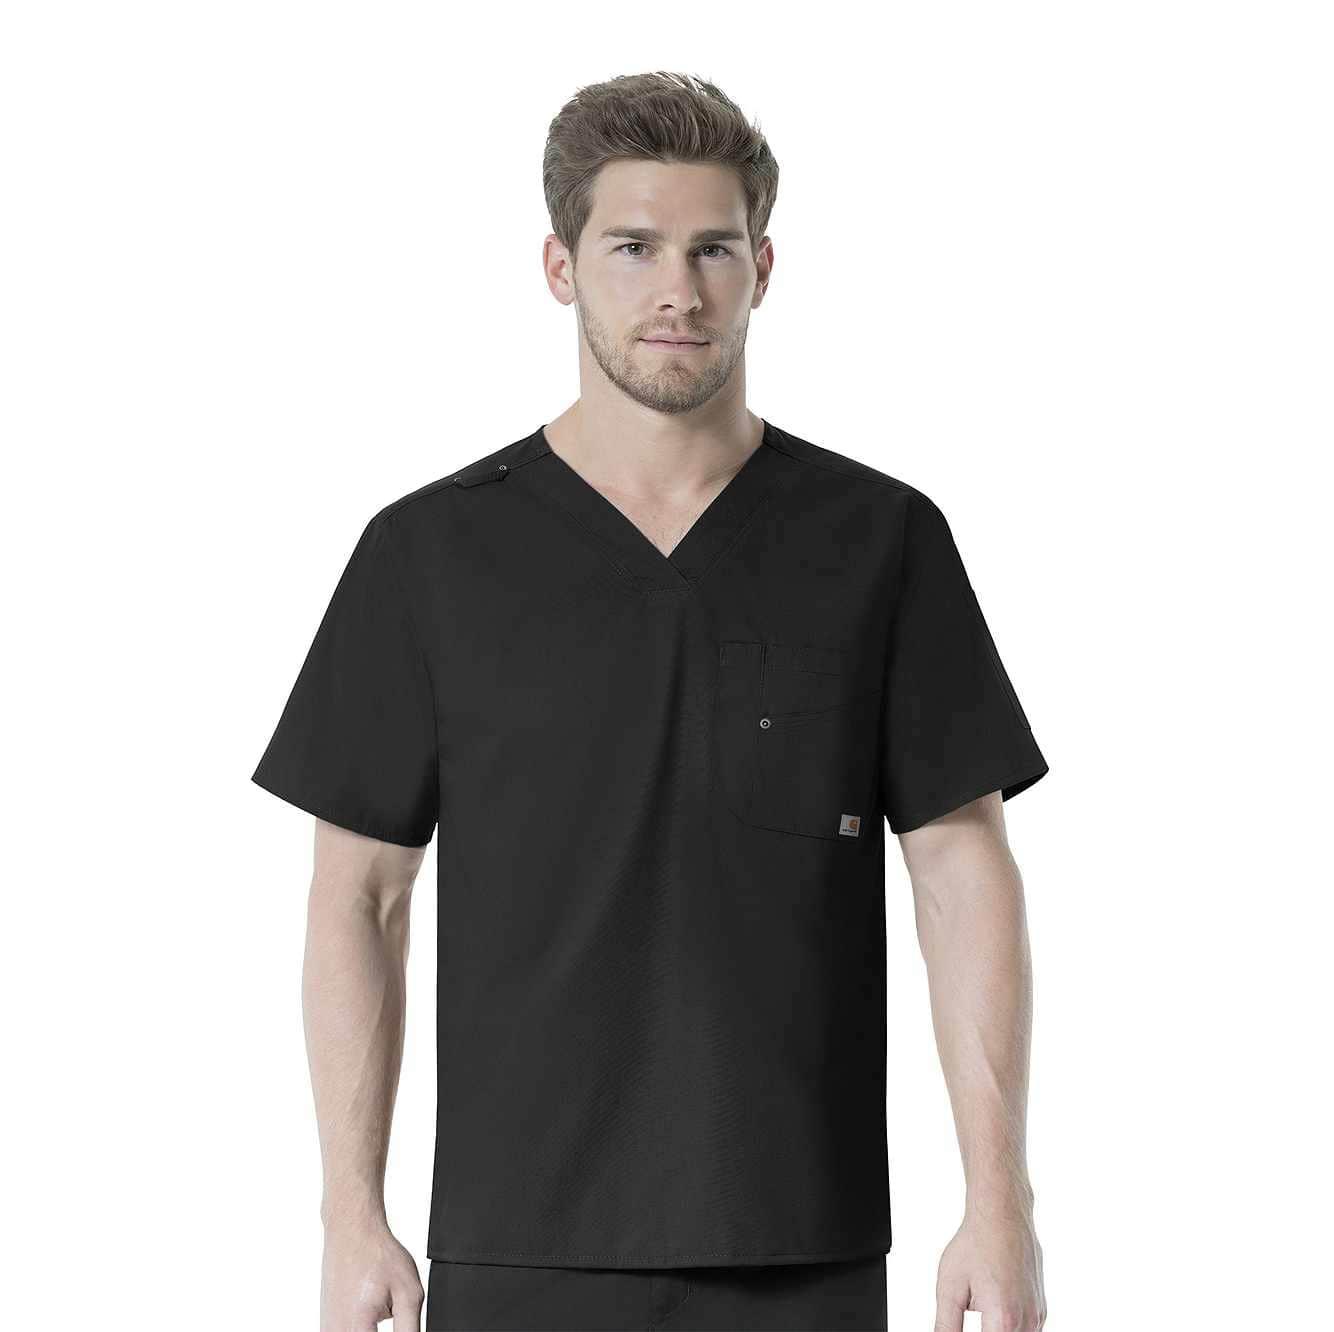 Picture of V-Neck Multi-Pocket Top in Black